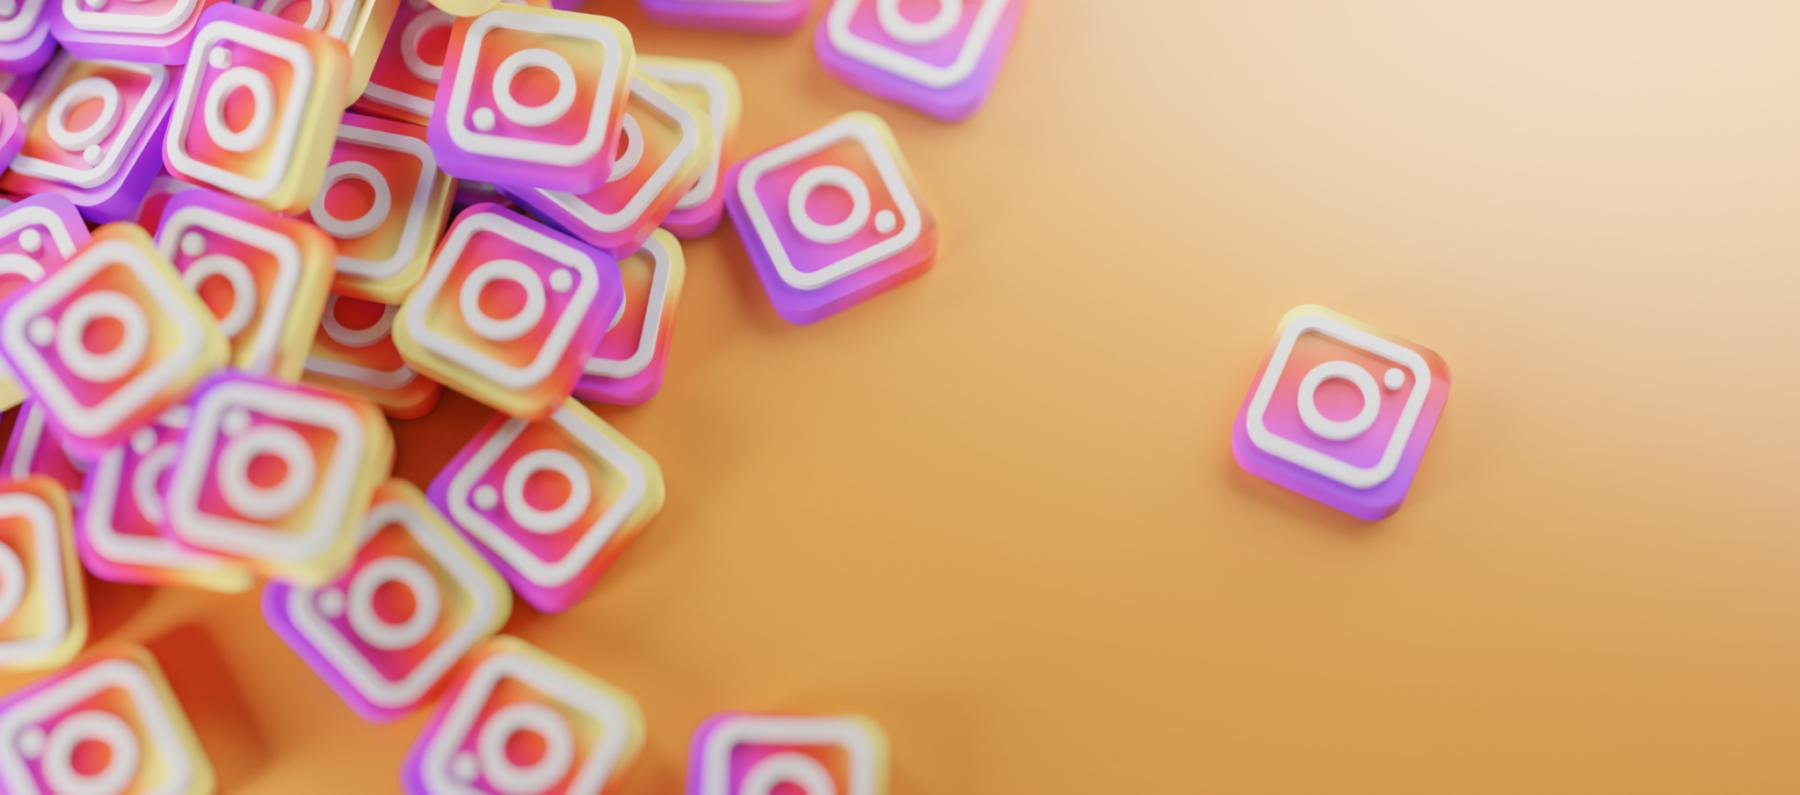 Algoritmo de Instagram - Como funciona